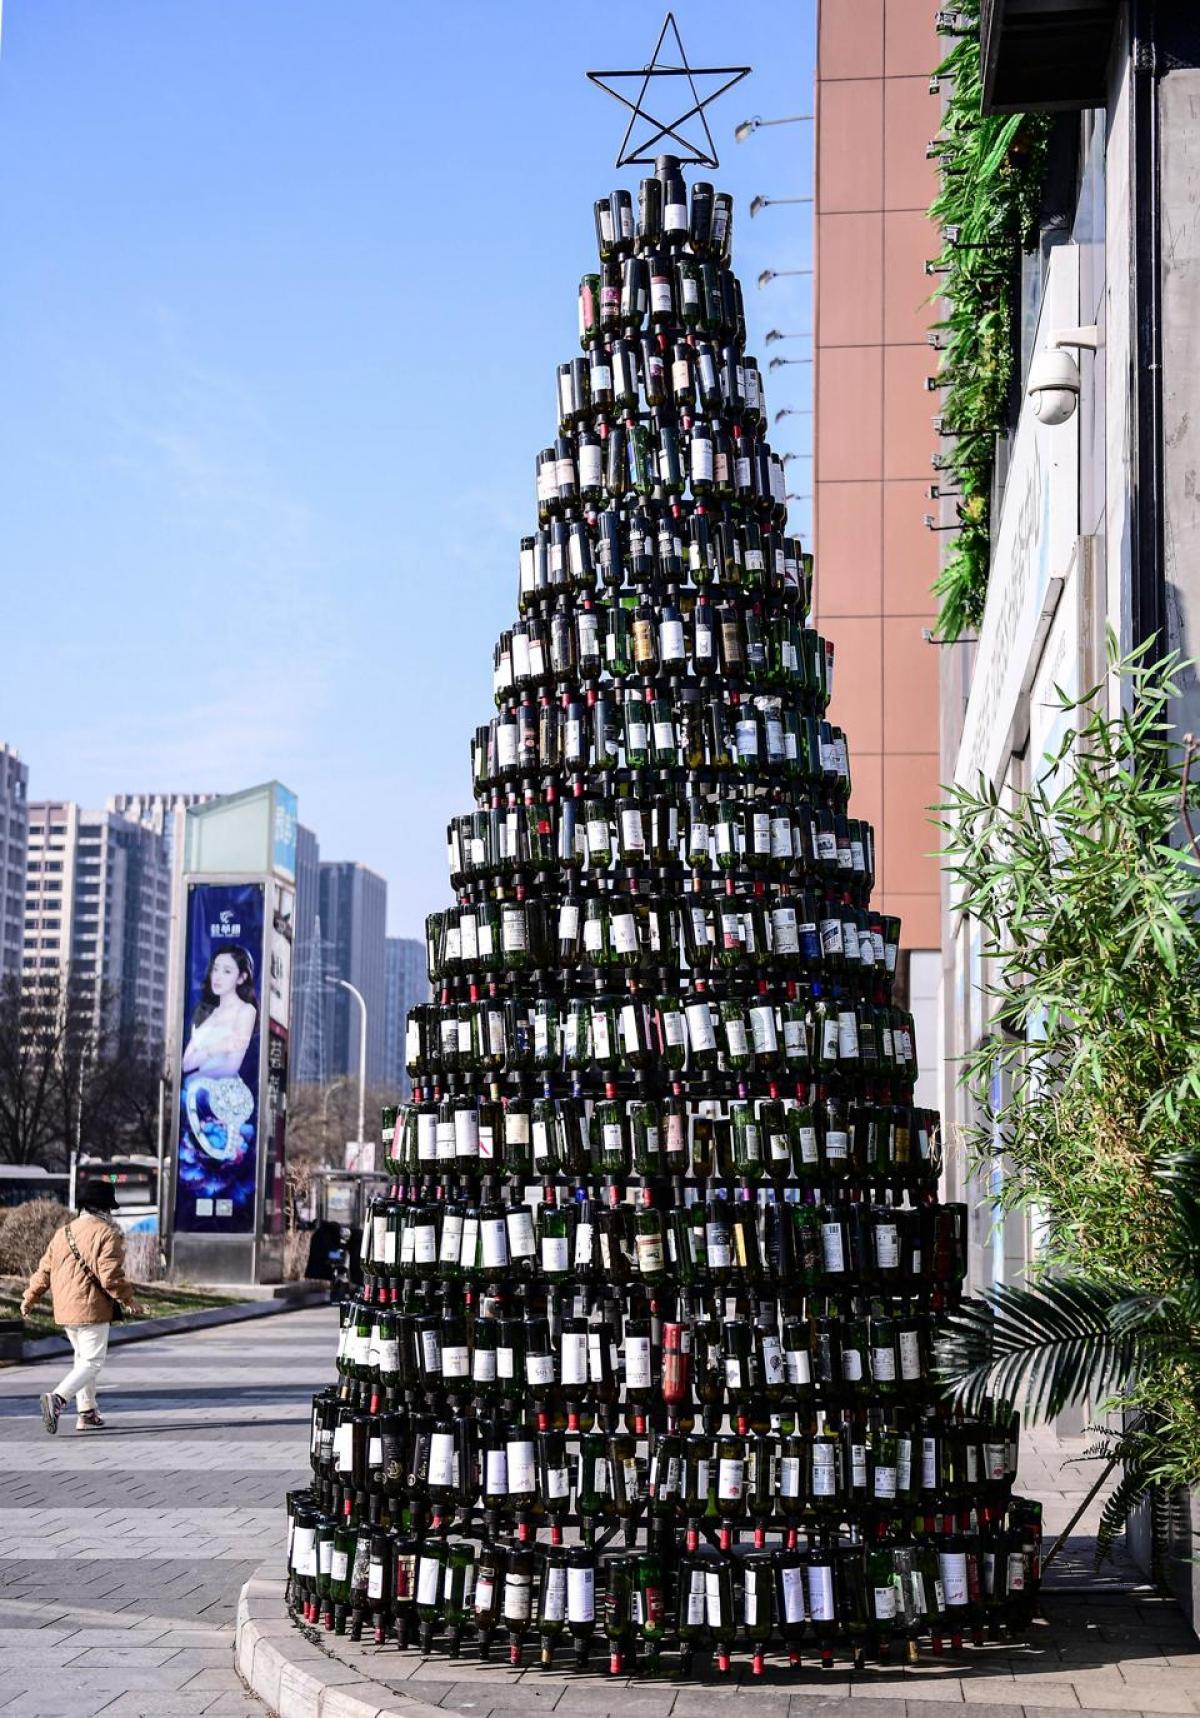 Cây thông được ghép từ2,021 chai rượu ở Shenyan, Trung Quốc.